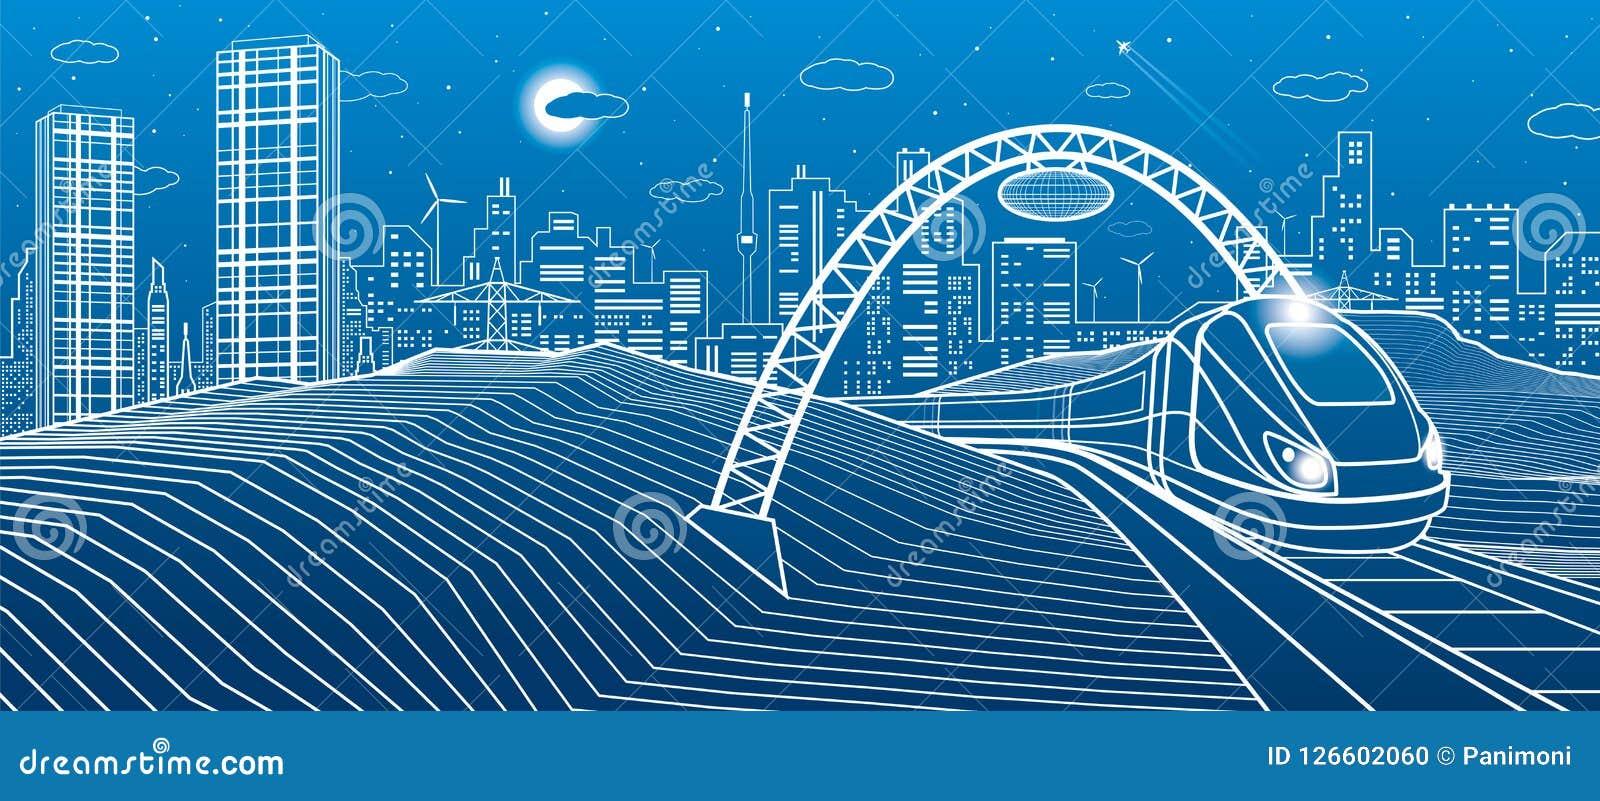 Serie unter der Brücke Moderne Nachtstadt, Neonstadt Infrastrukturillustration, städtische Szene Weiße Linien auf blauem Hintergr